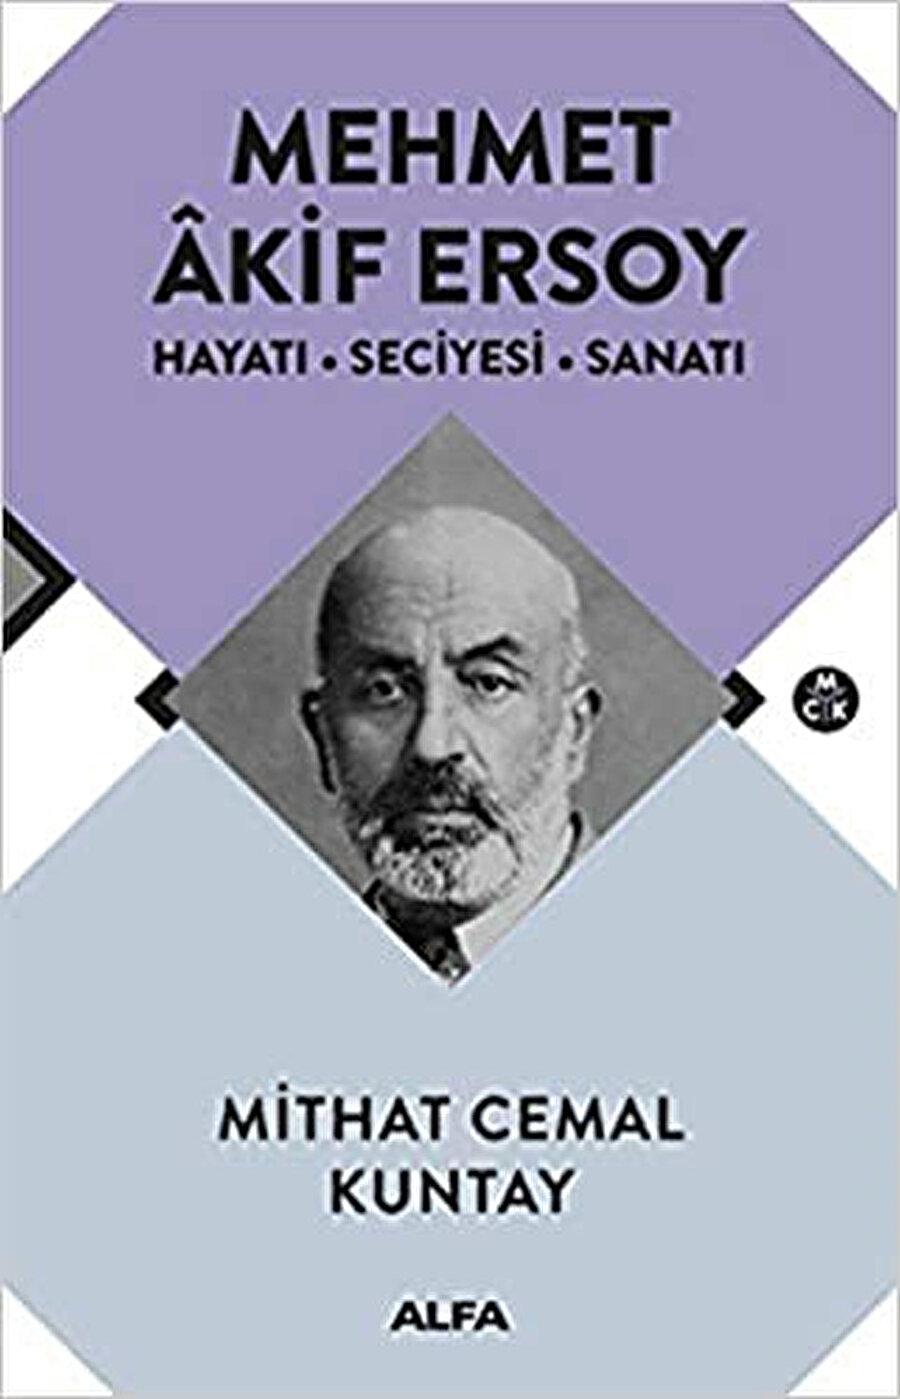 Mithat Cemal'in yazmış olduğu Mehmet Akif kitabının ayrı bir önemi vardır.